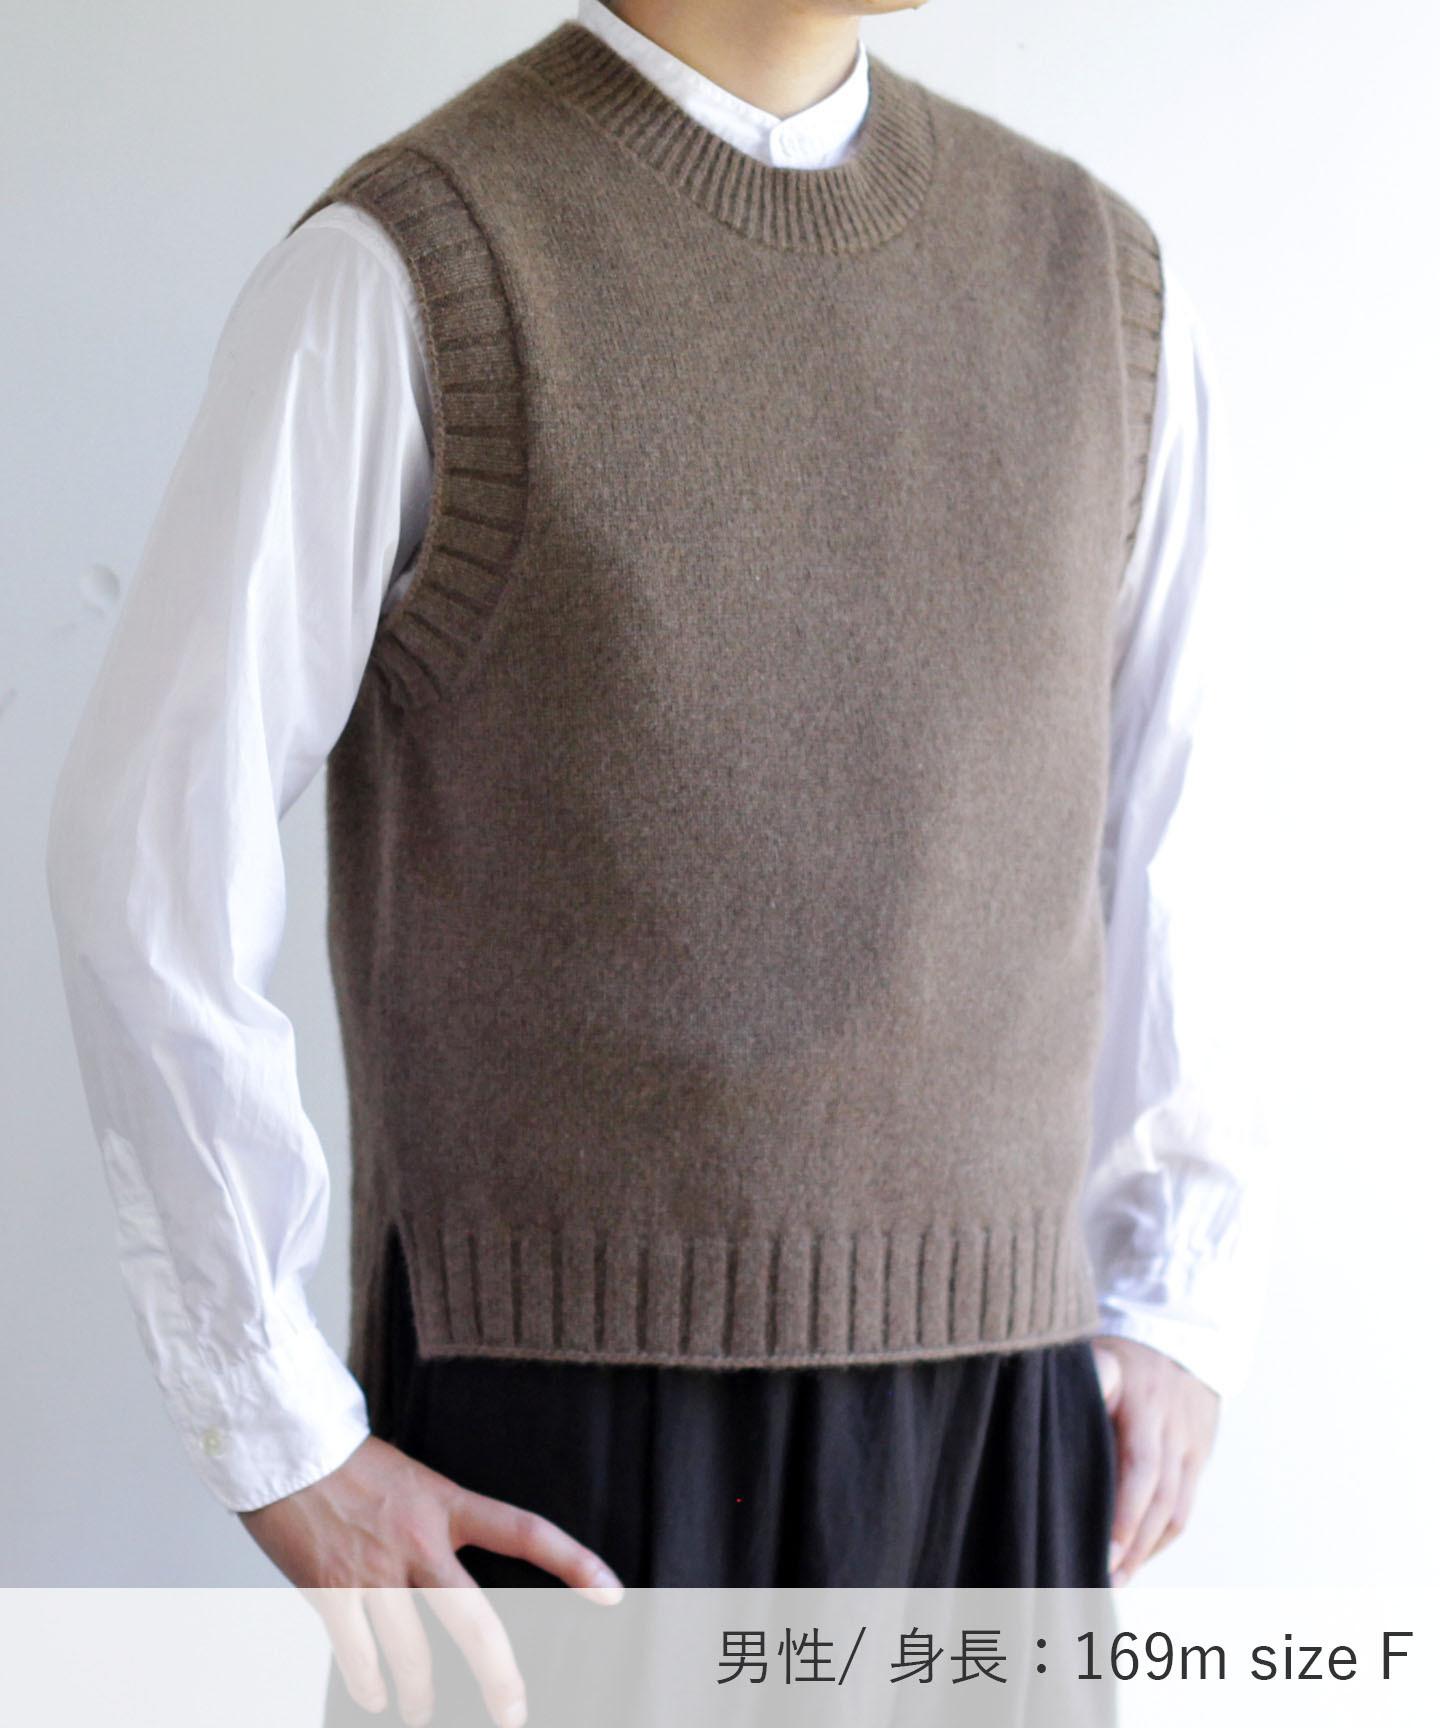 【予約販売】手編み機で編んだヤク糸(NO.21)のベスト (YAA-924)